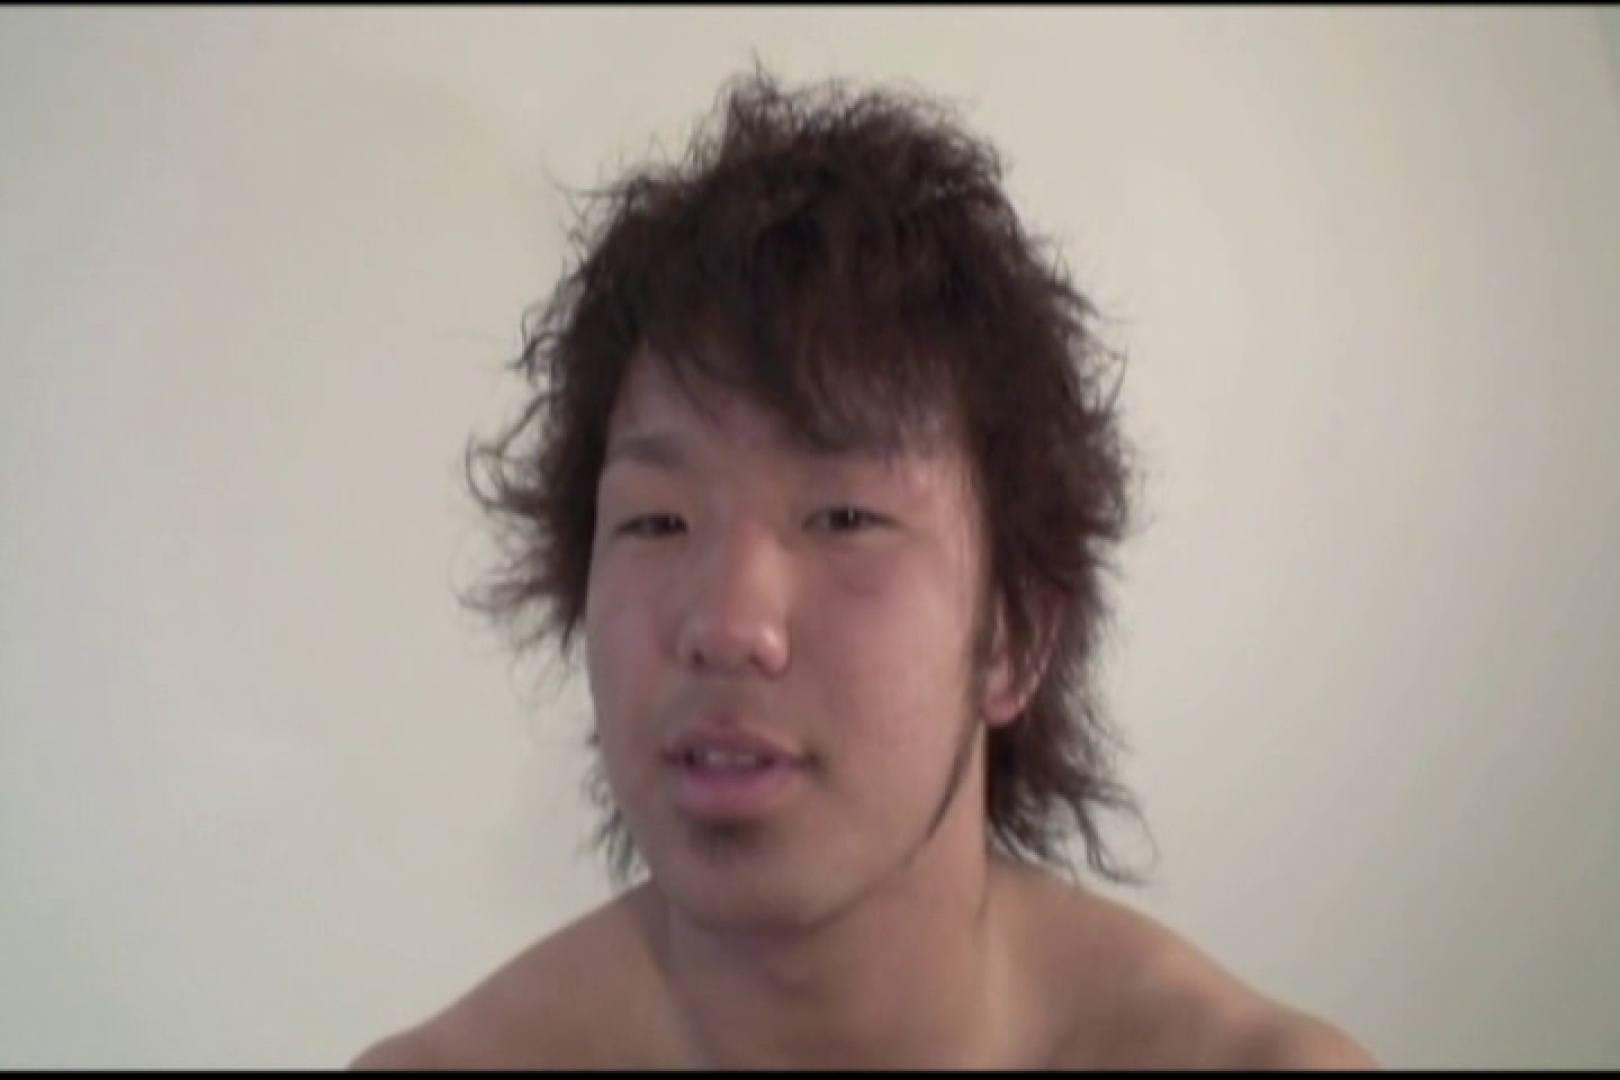 アヘ顔が最高!アナル中毒VOL.04 手コキ | アヘ顔  78pic 1